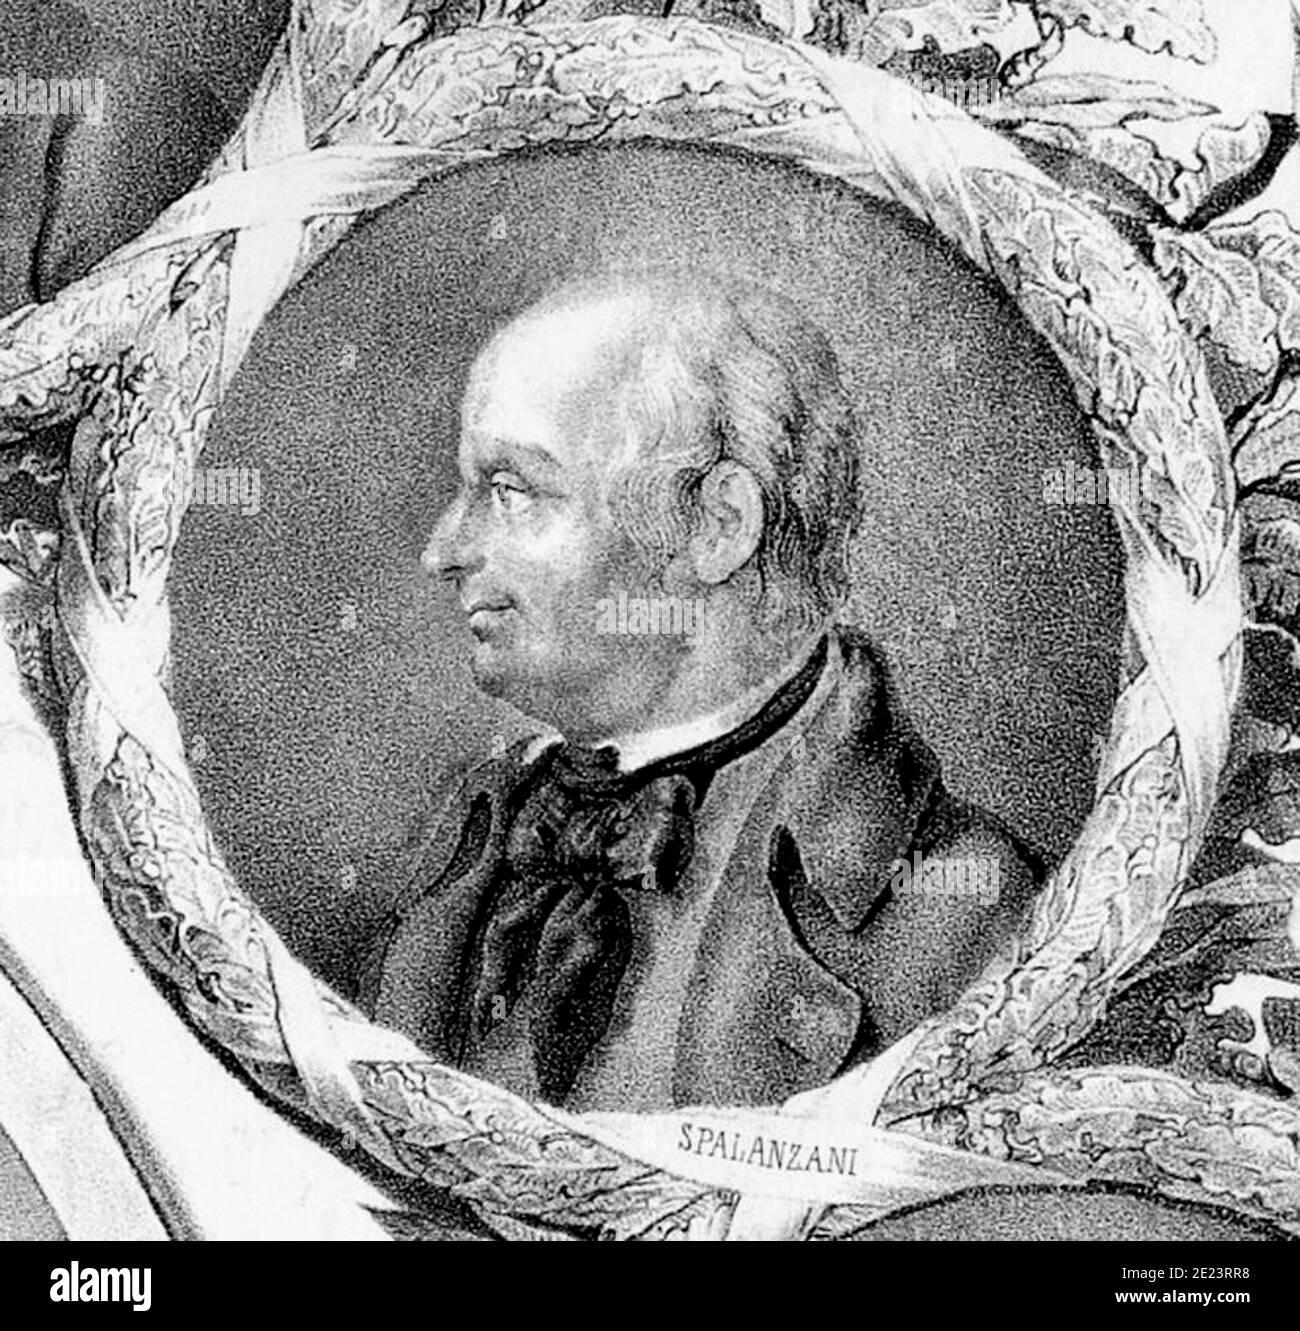 1780 ca , ITALY : The celebrated Italian Jesuit priest , biologist and physiologyst LAZZARO SPALLANZANI ( 1729 - 1799 ), engraving from  unknown artist from XIX century . .- PROFESSOR - PROFESSORE   - foto storiche - foto storica  - scienziato - scientist  - BIOLOGO - BIOLOGISTT - BIOLOGIA - BIOLOGY   - DOTTORE - MEDICO - MEDICINA - medicine  - SCIENZA - SCIENCE - incisione - illustrazione - illustration - FISIOLOGIA - FISIOLOGO - batteriologo - batteriologia ---  Archivio GBB Stock Photo